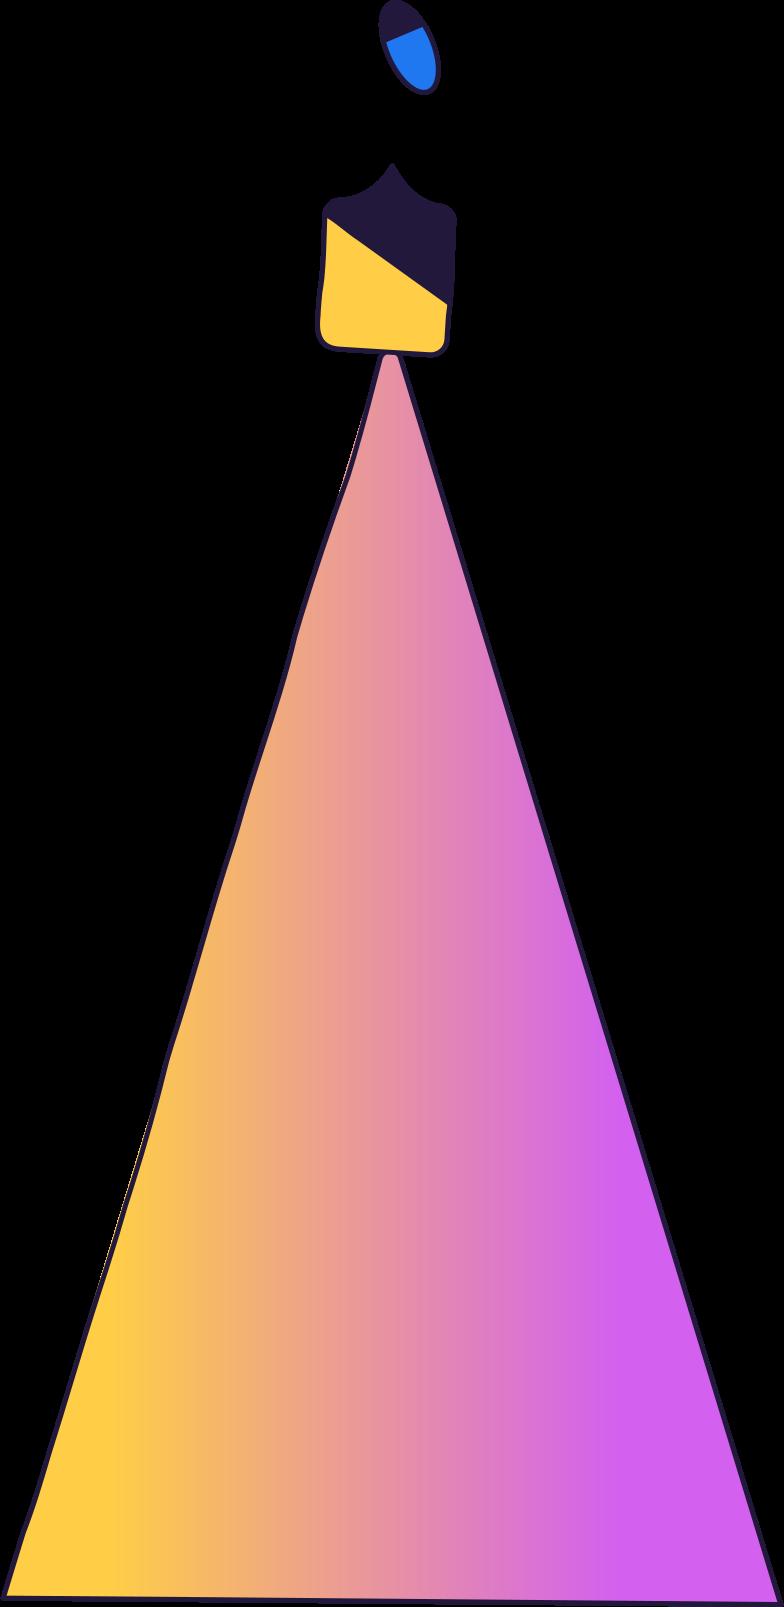 Immagine Vettoriale piccola persona in PNG e SVG in stile  | Illustrazioni Icons8